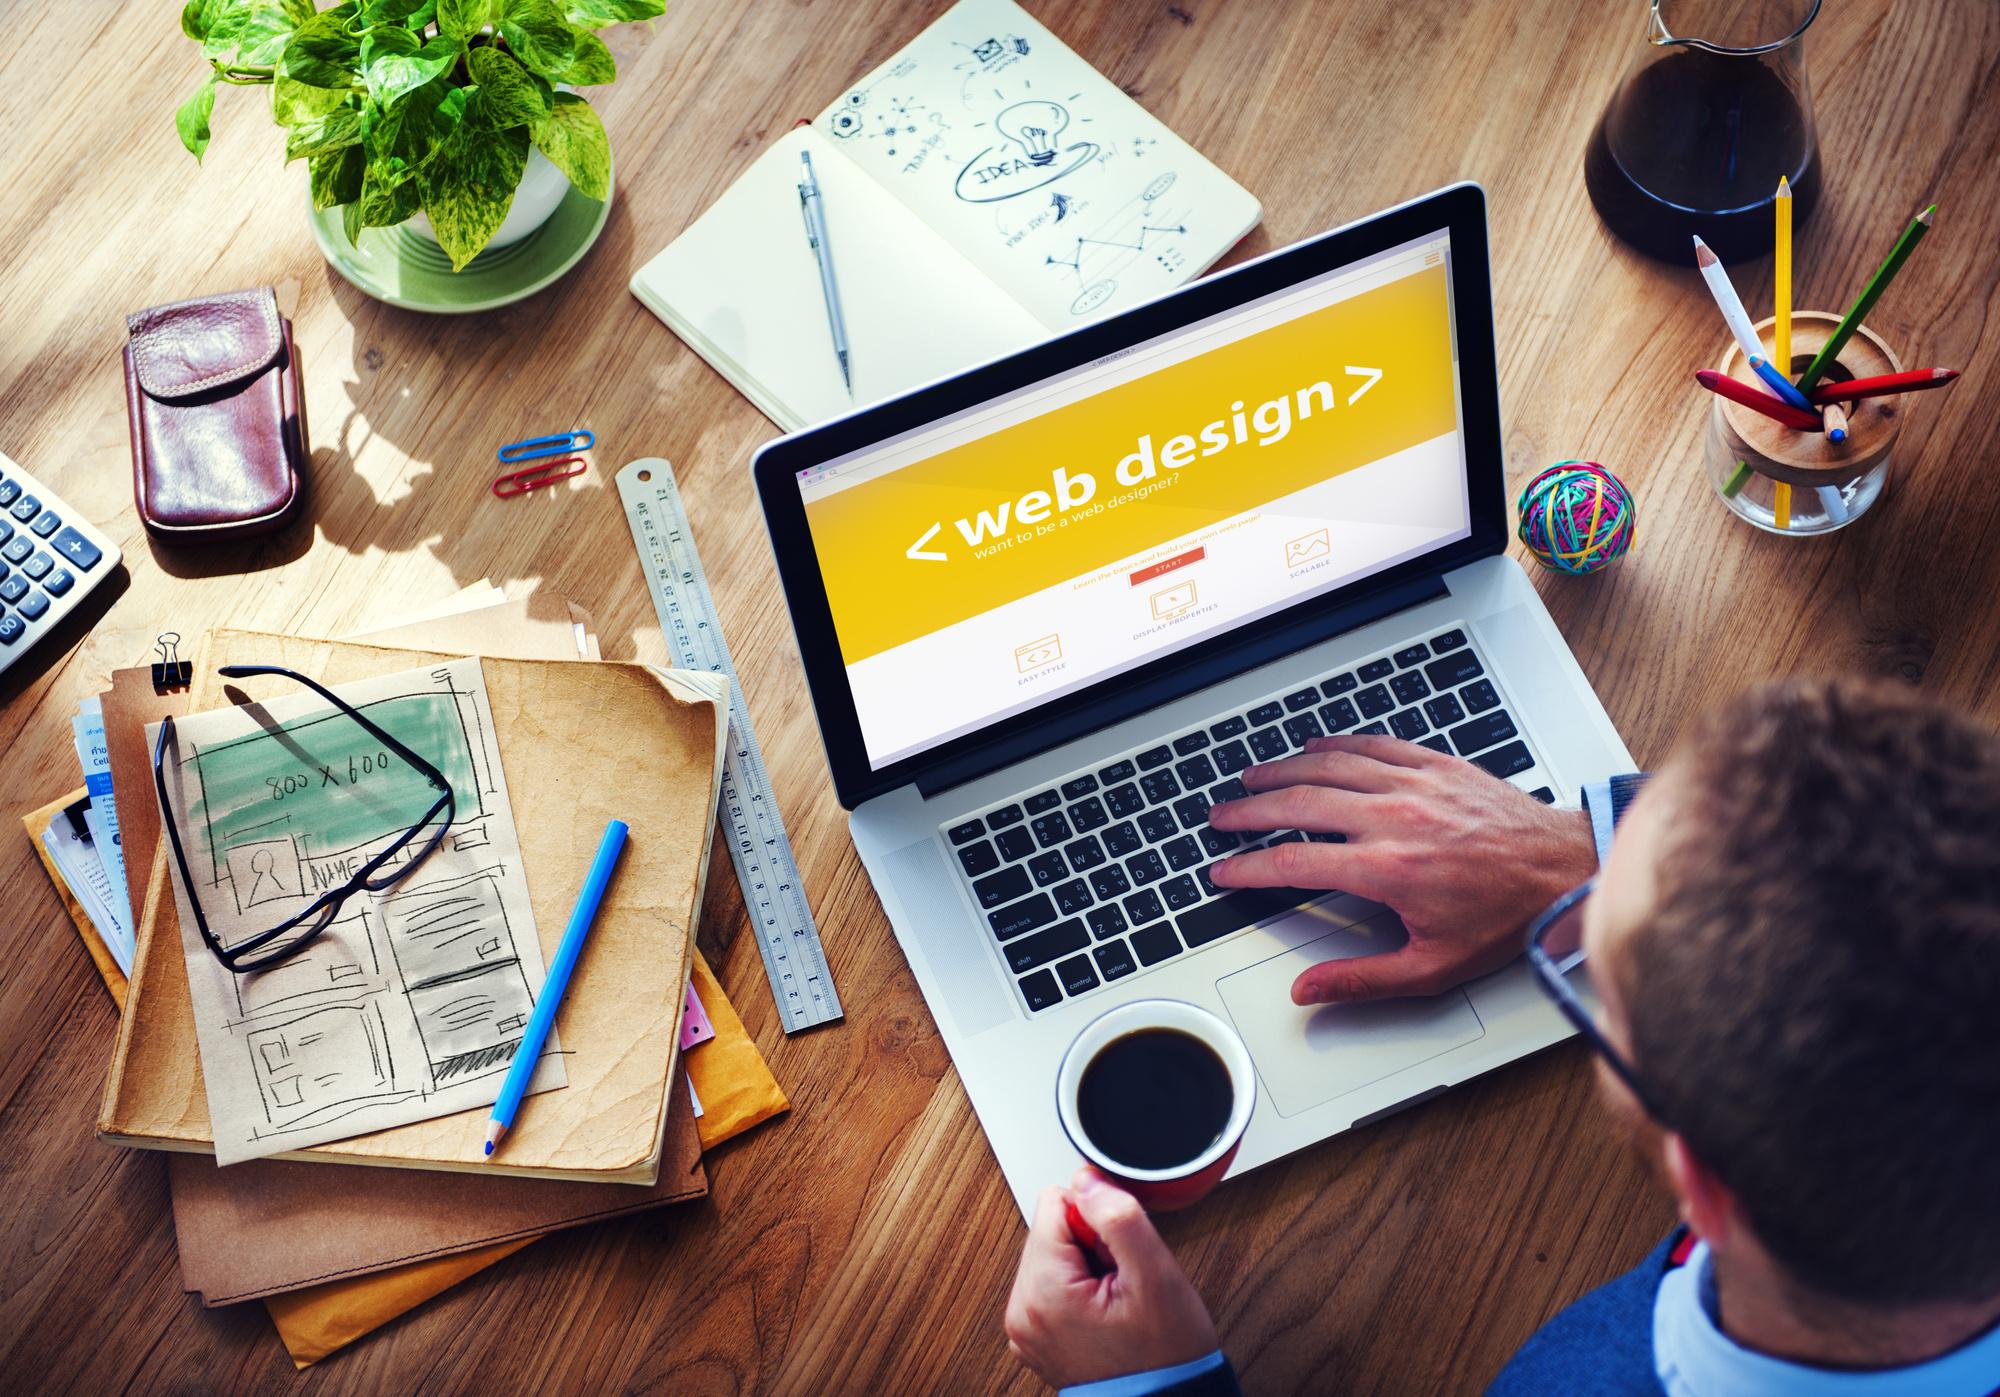 Веб-дизайн вакансии фриланс удаленная работа на дому контрольные